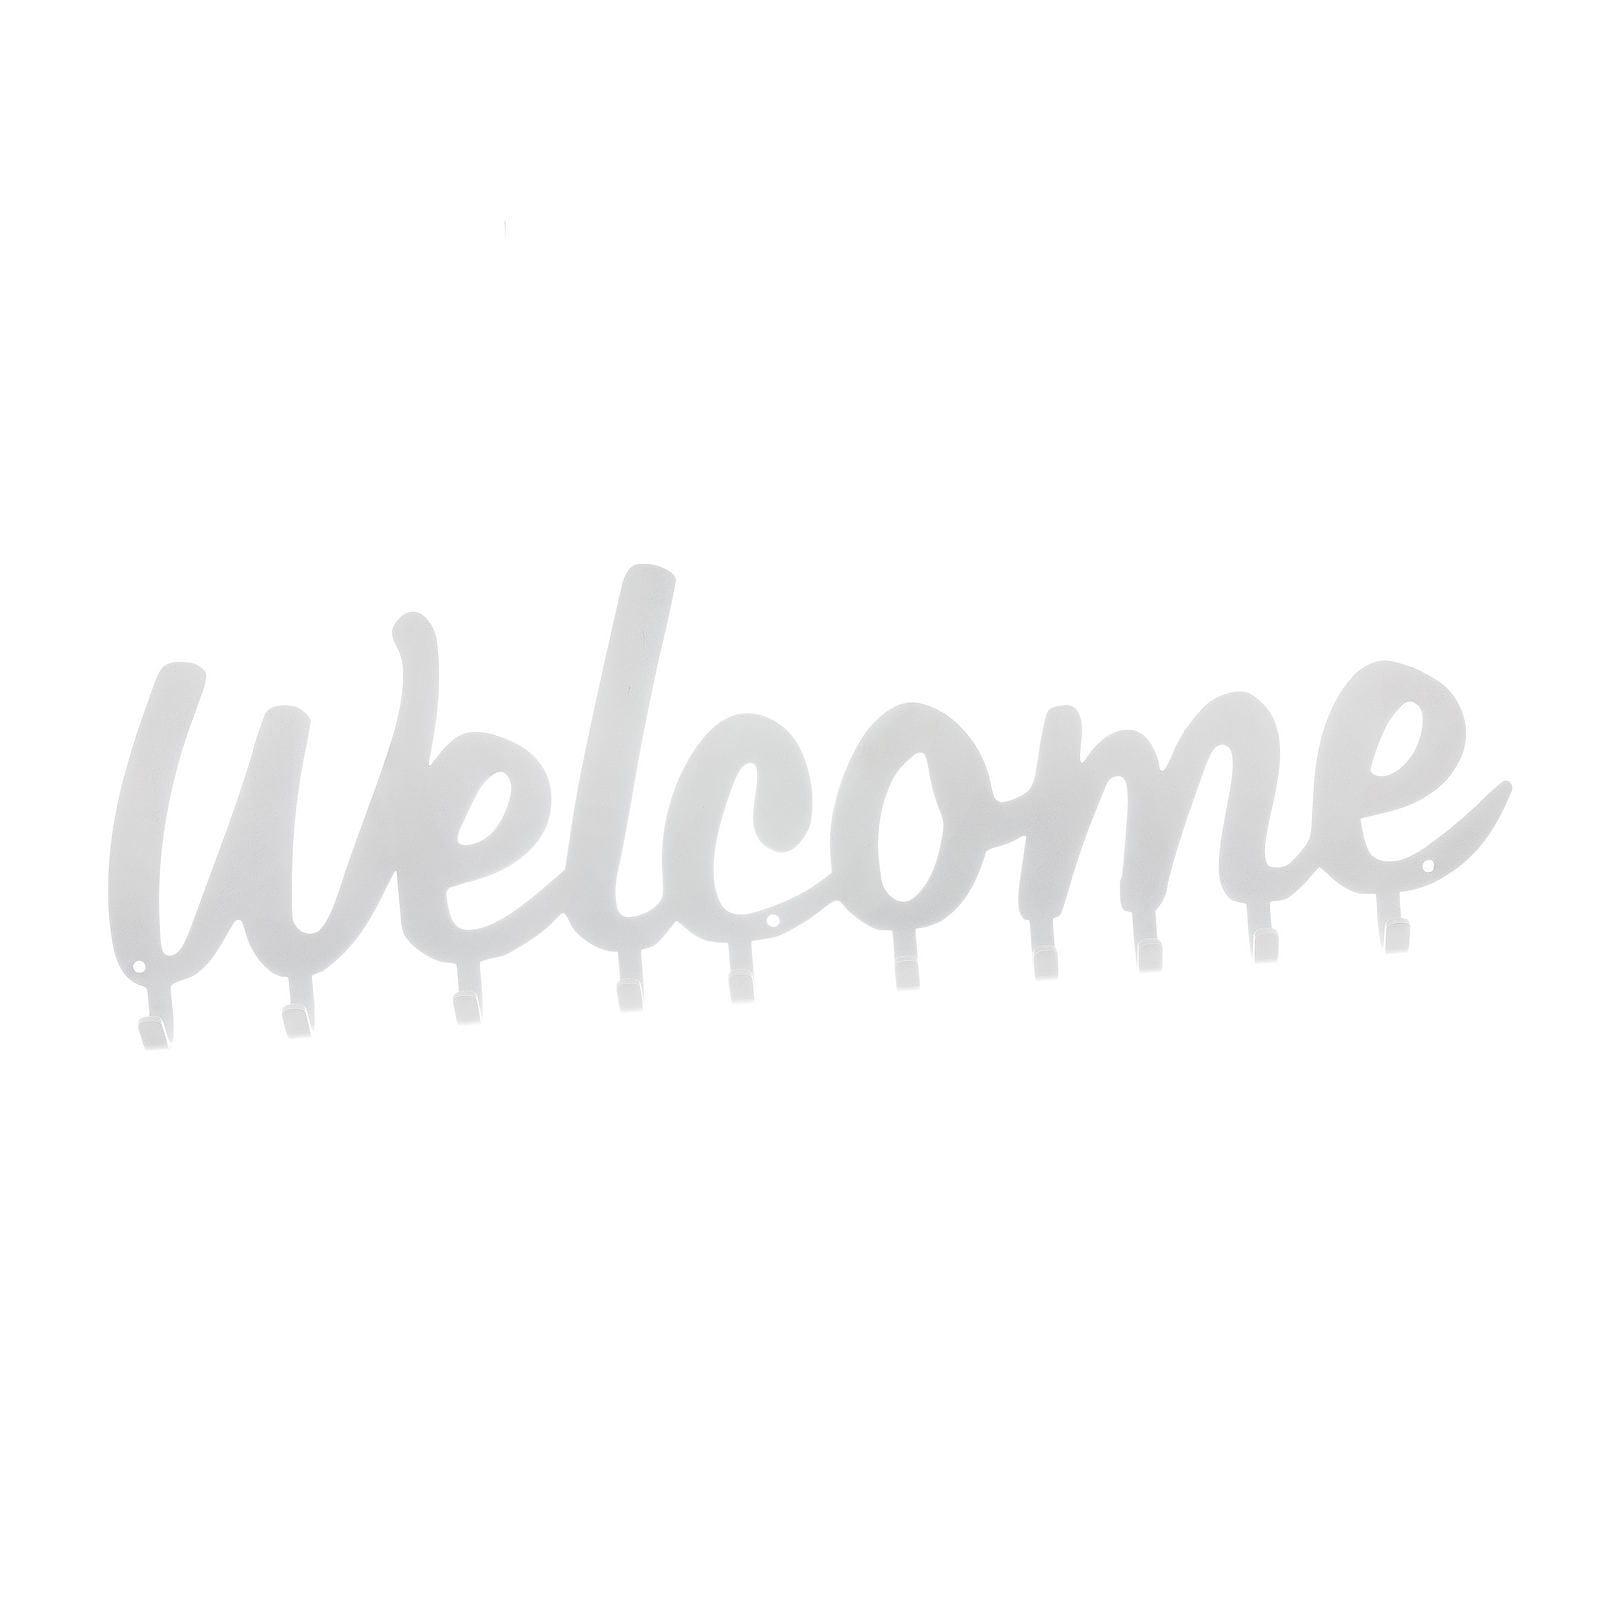 Wieszak ścienny Welcome biały